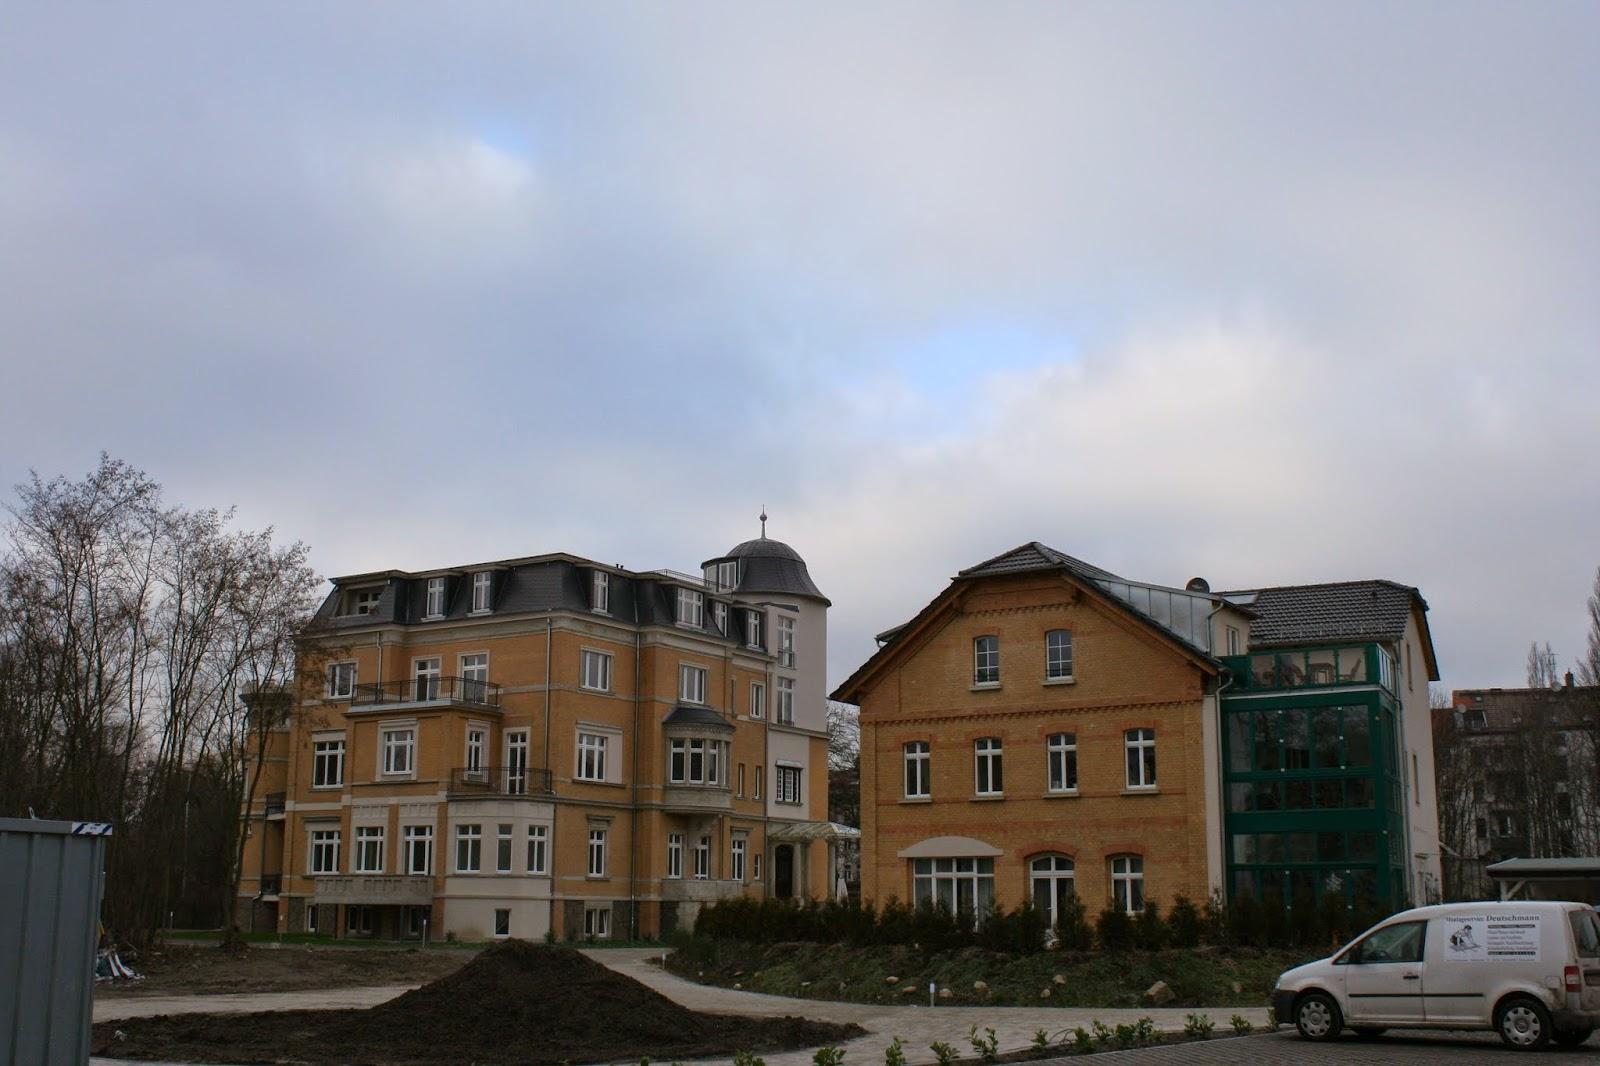 Villa links und Remise rechts auf dem ehem. Polygraph-Gelände - beide Gebäude wurden aufwendig saniert